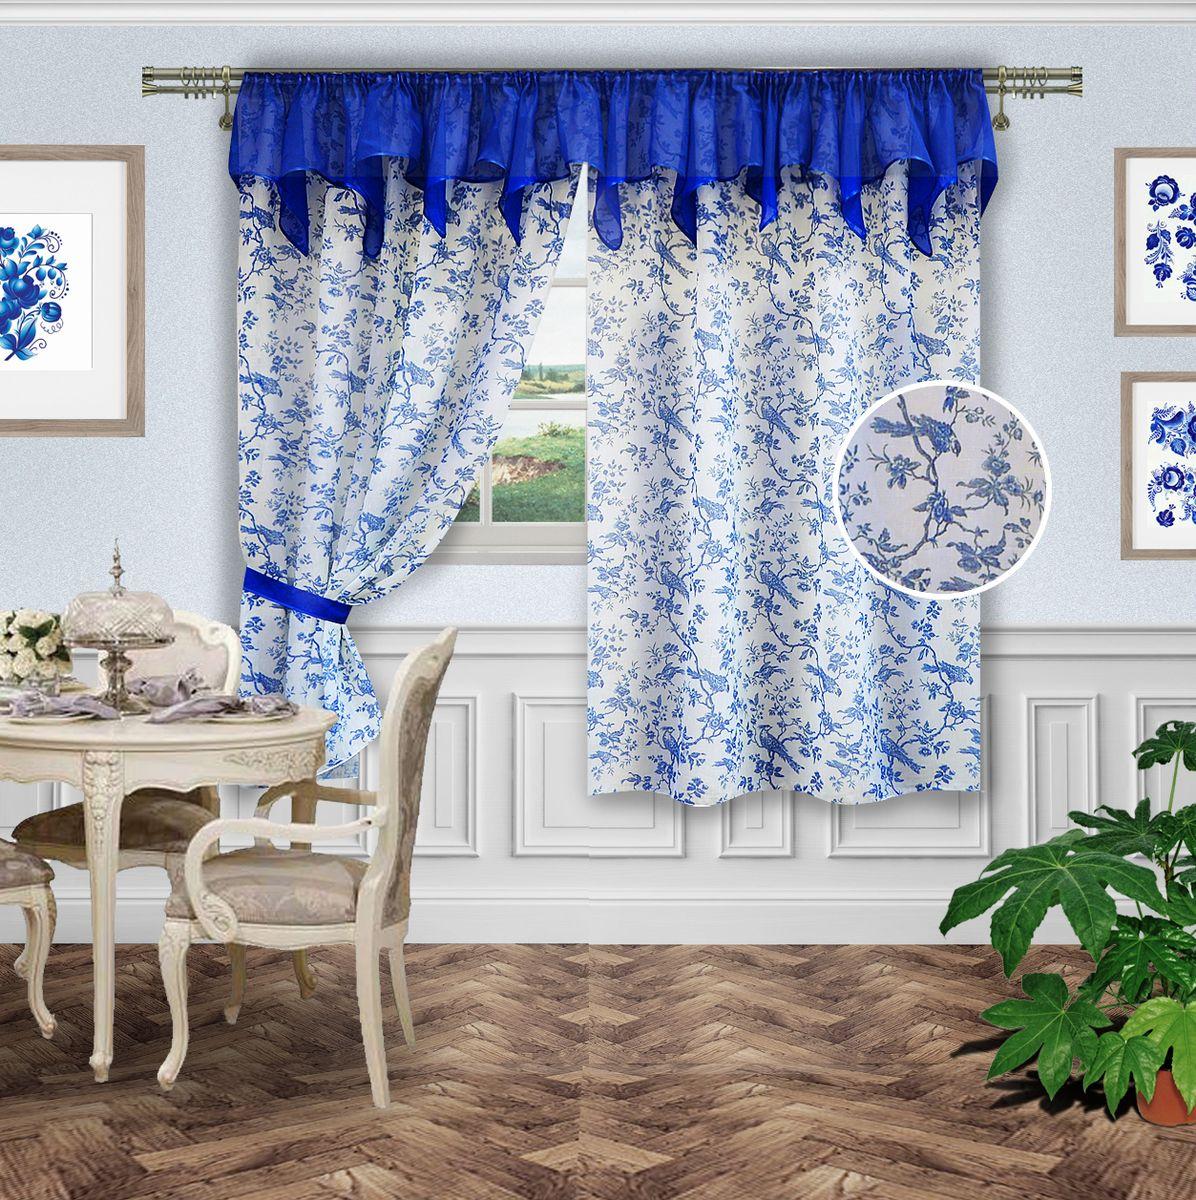 Комплект штор Zlata Korunka. 5556955569Комплект штор на шторной ленте (140*180-2шт и 2 подхвата ( вуаль) ламбрекен 300*50. Ткань : под лен с рисуком  Гджель декорирован фигурным ламбрекеном из однотонной вуали василькового цвета, подхваты лен однотонный синий